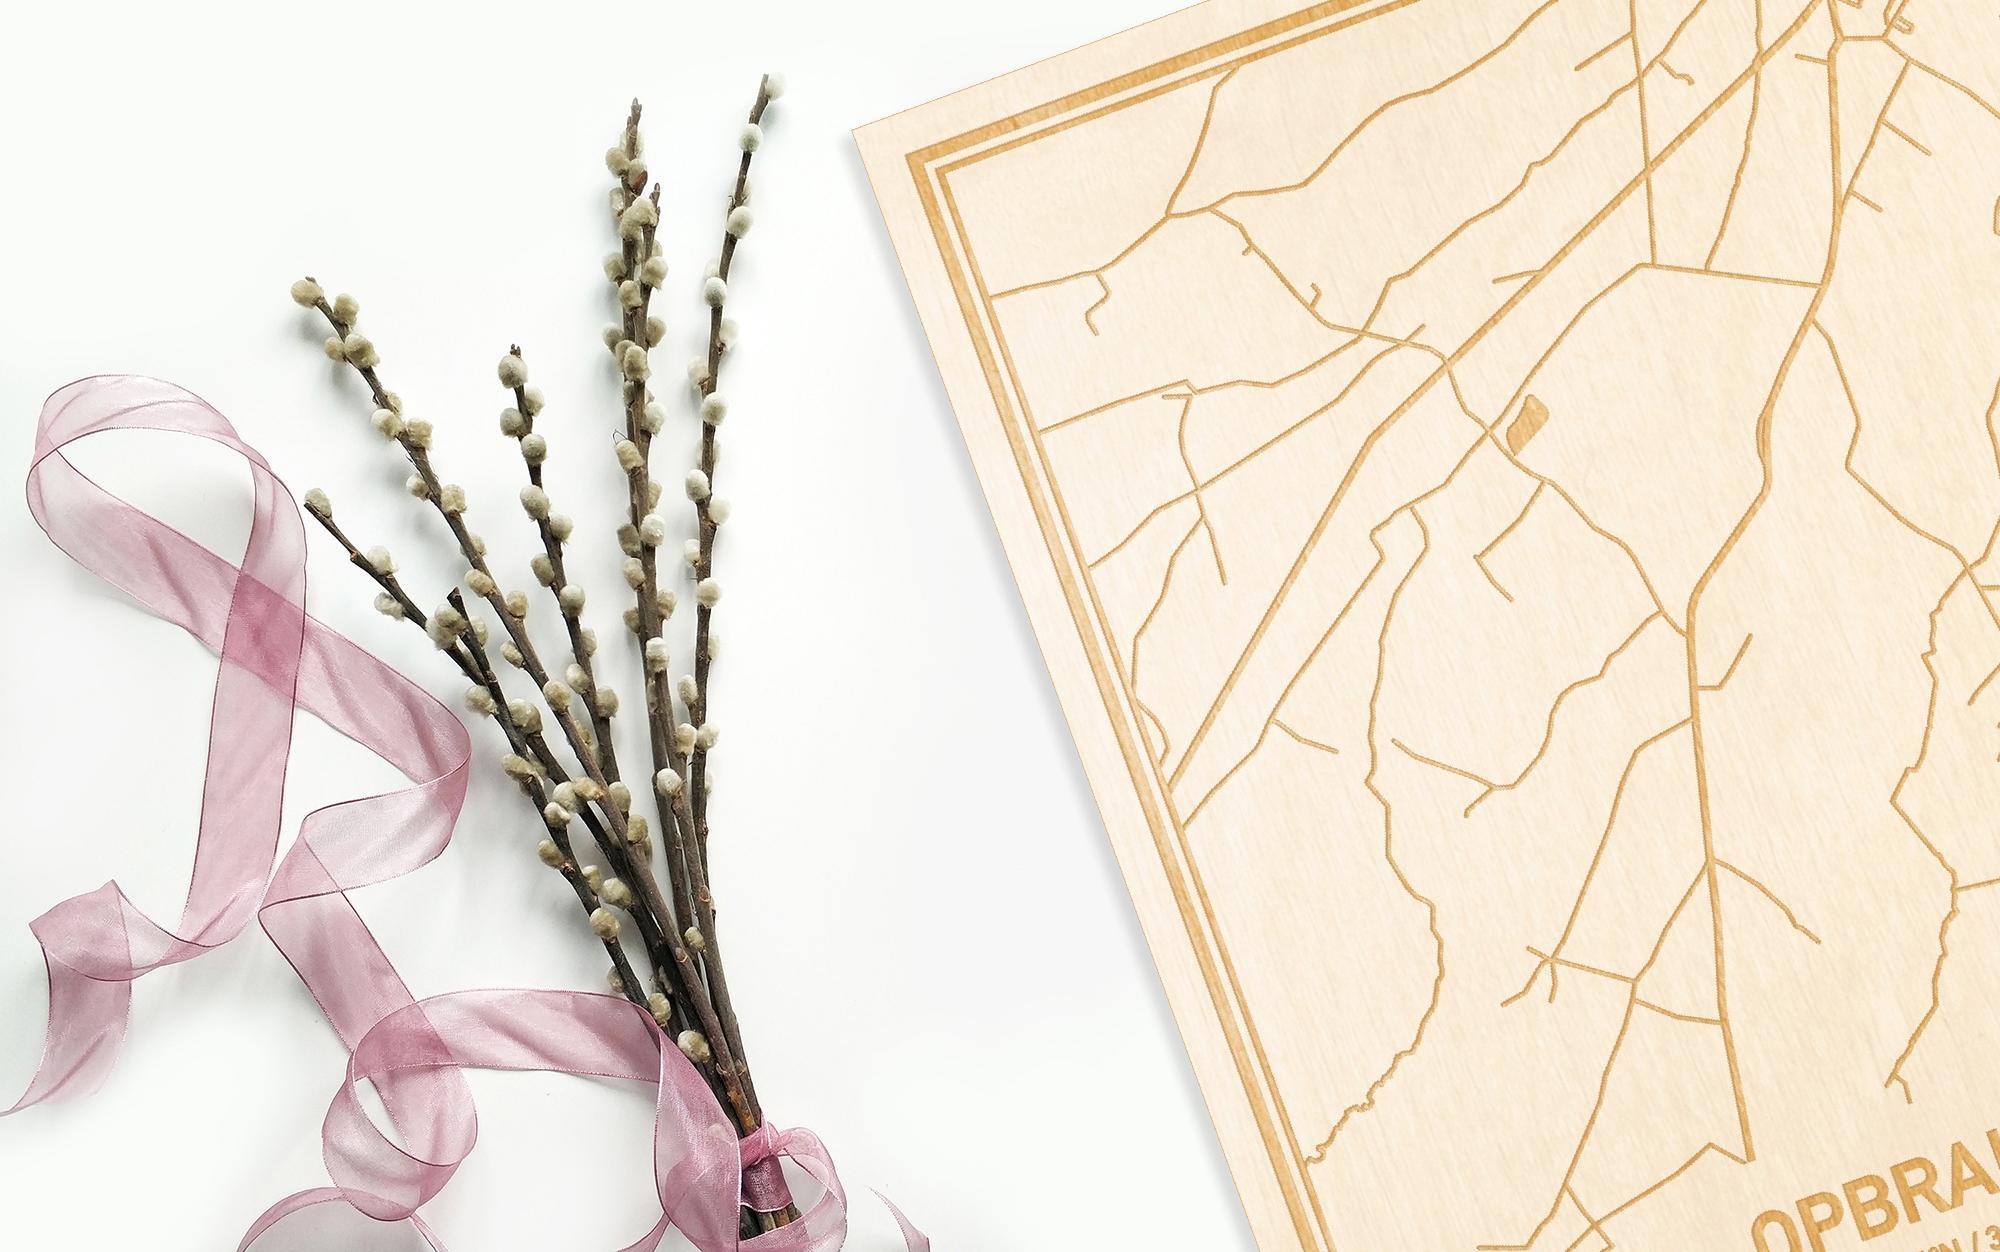 Hier ligt de houten plattegrond Opbrakel naast een bloemetje als gepersonaliseerd cadeau voor haar.